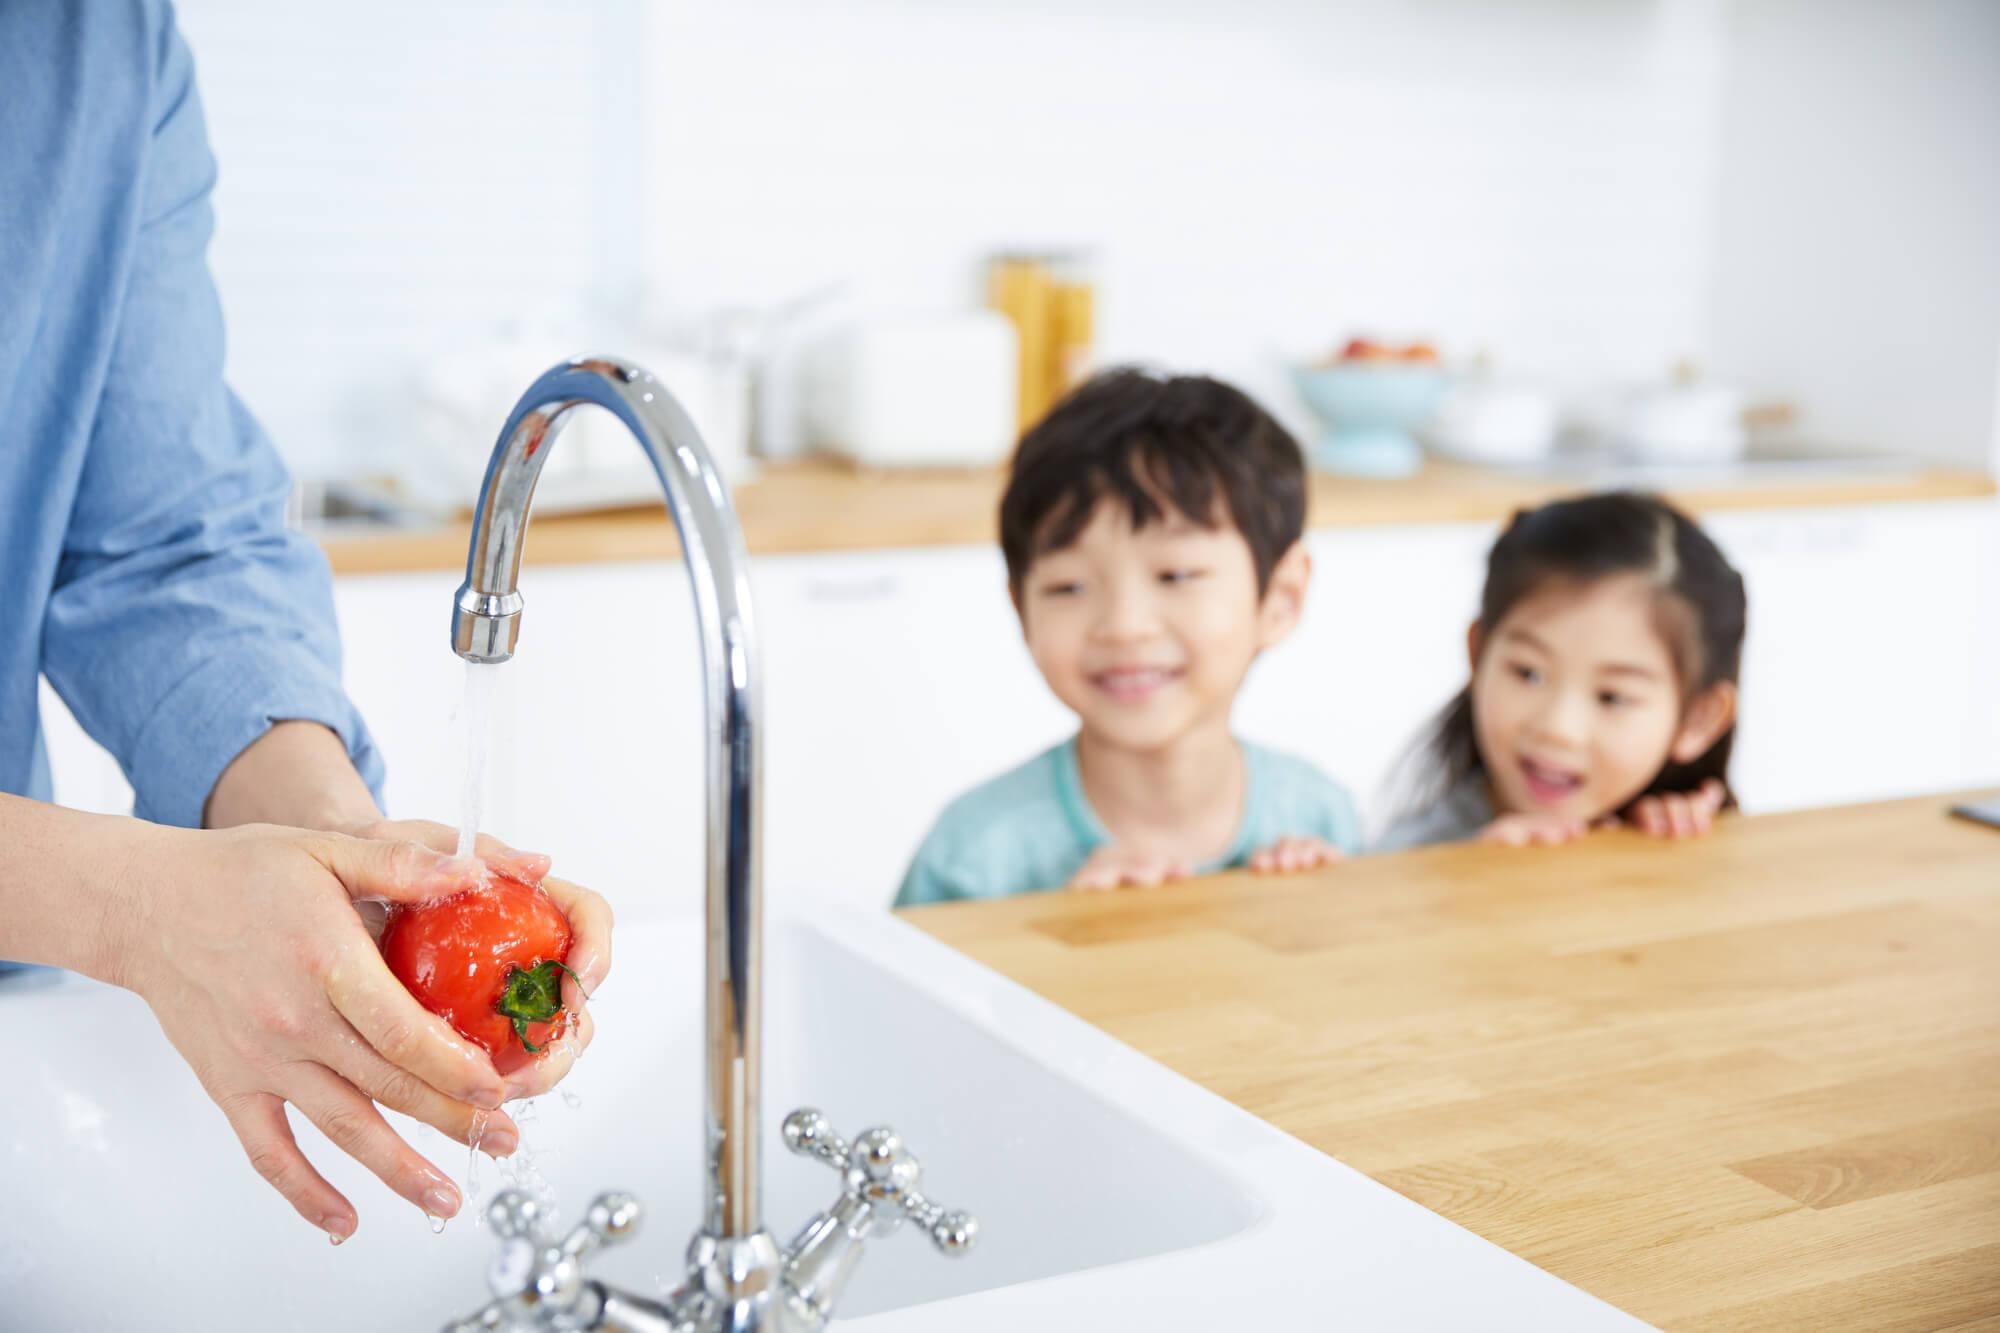 キッチンの排水口が詰まっちゃう!?そんなときは重曹×クエン酸の力